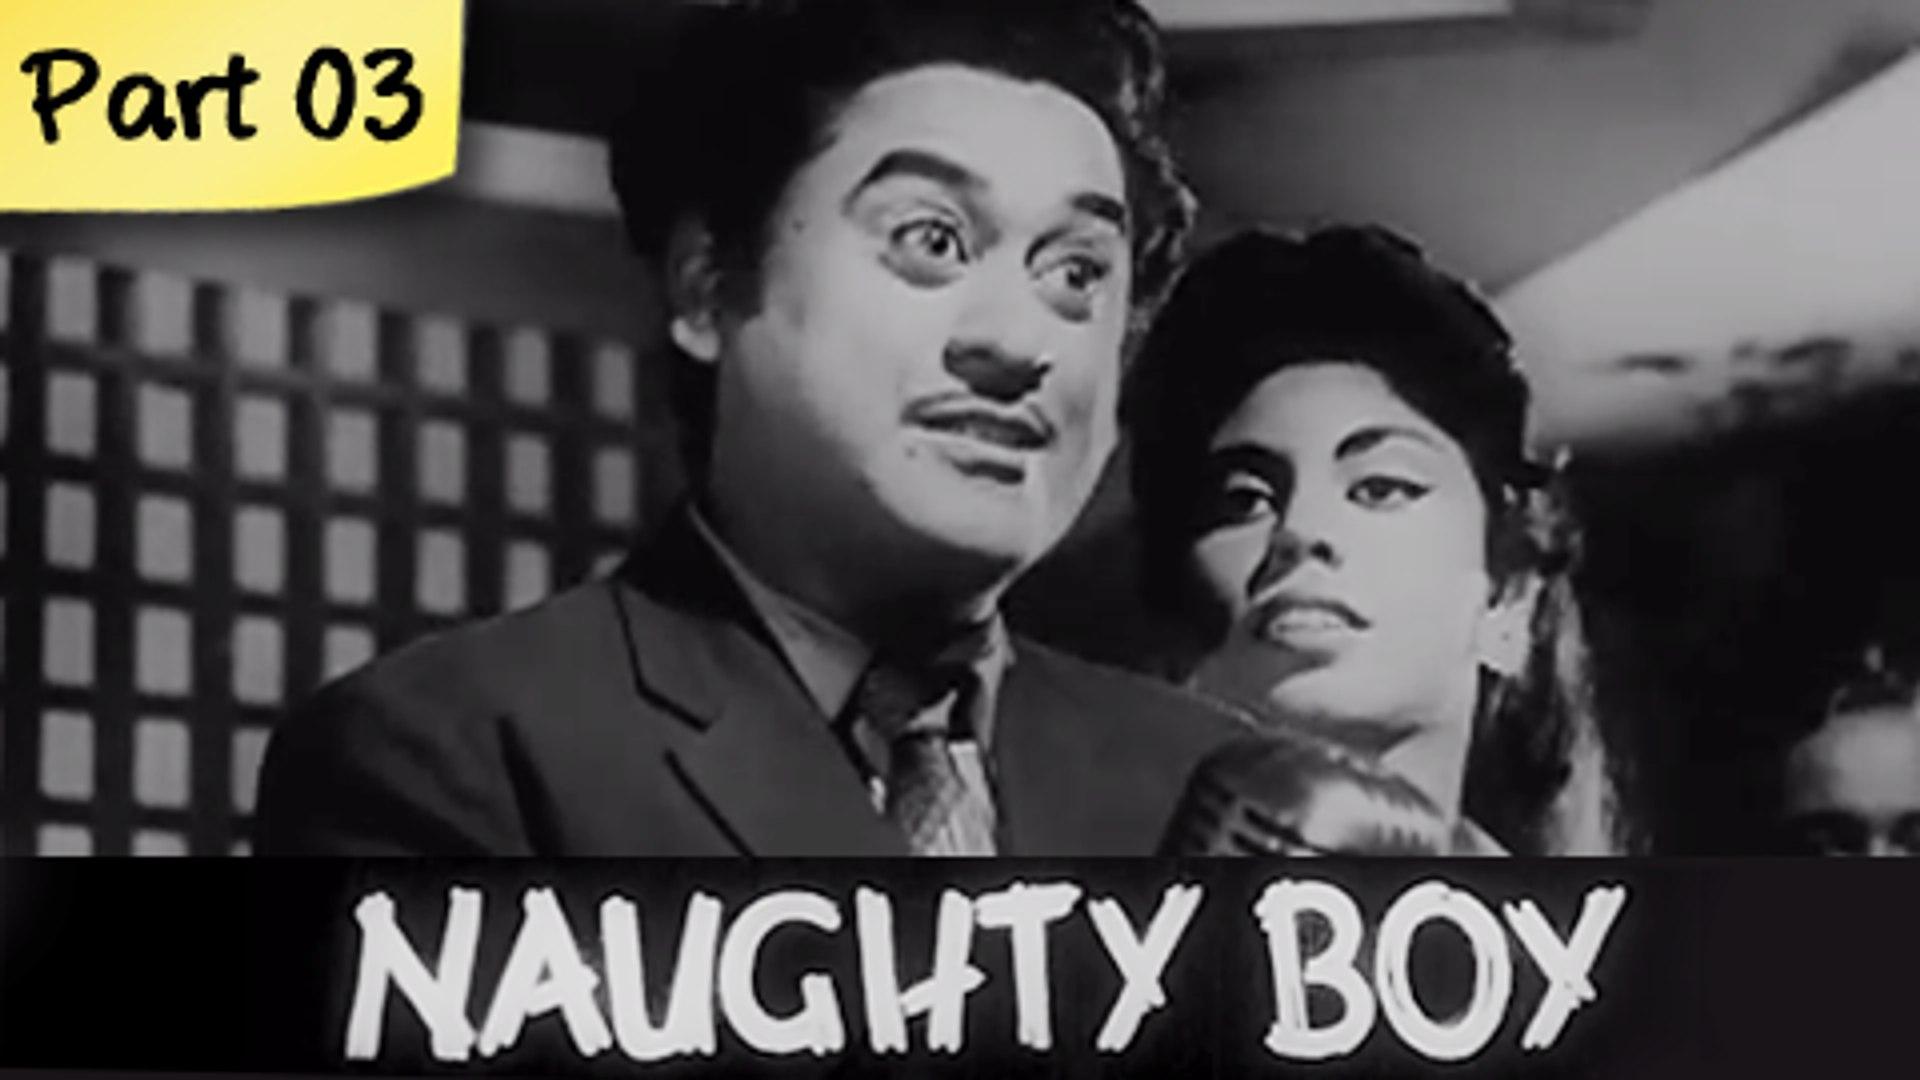 Naughty Boy - Part 03/09 - Classic Funny Hit Hindi Drama Movie - Kishore Kumar, Kalpana